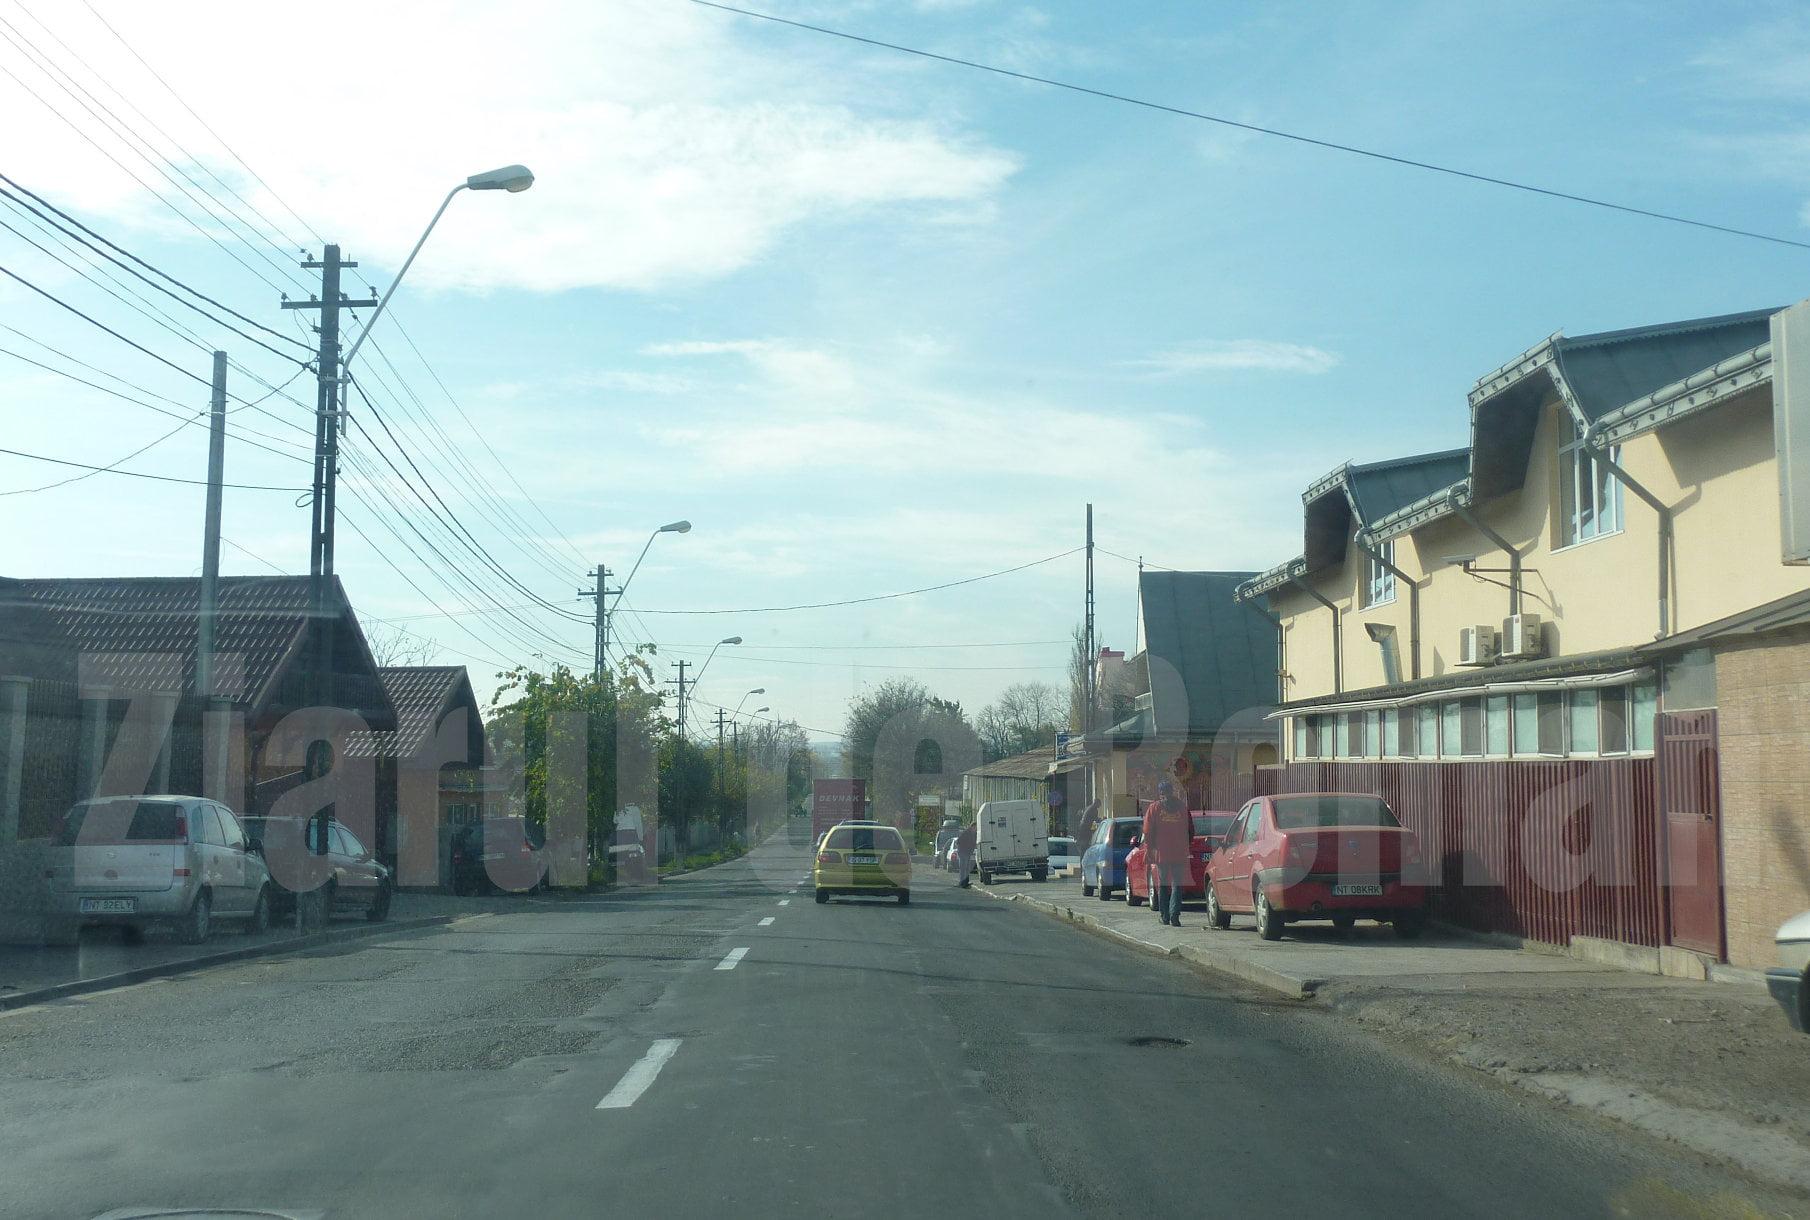 De miercuri se asfaltează bd. Nicolae Bălcescu. Circulația auto va fi redirecționată